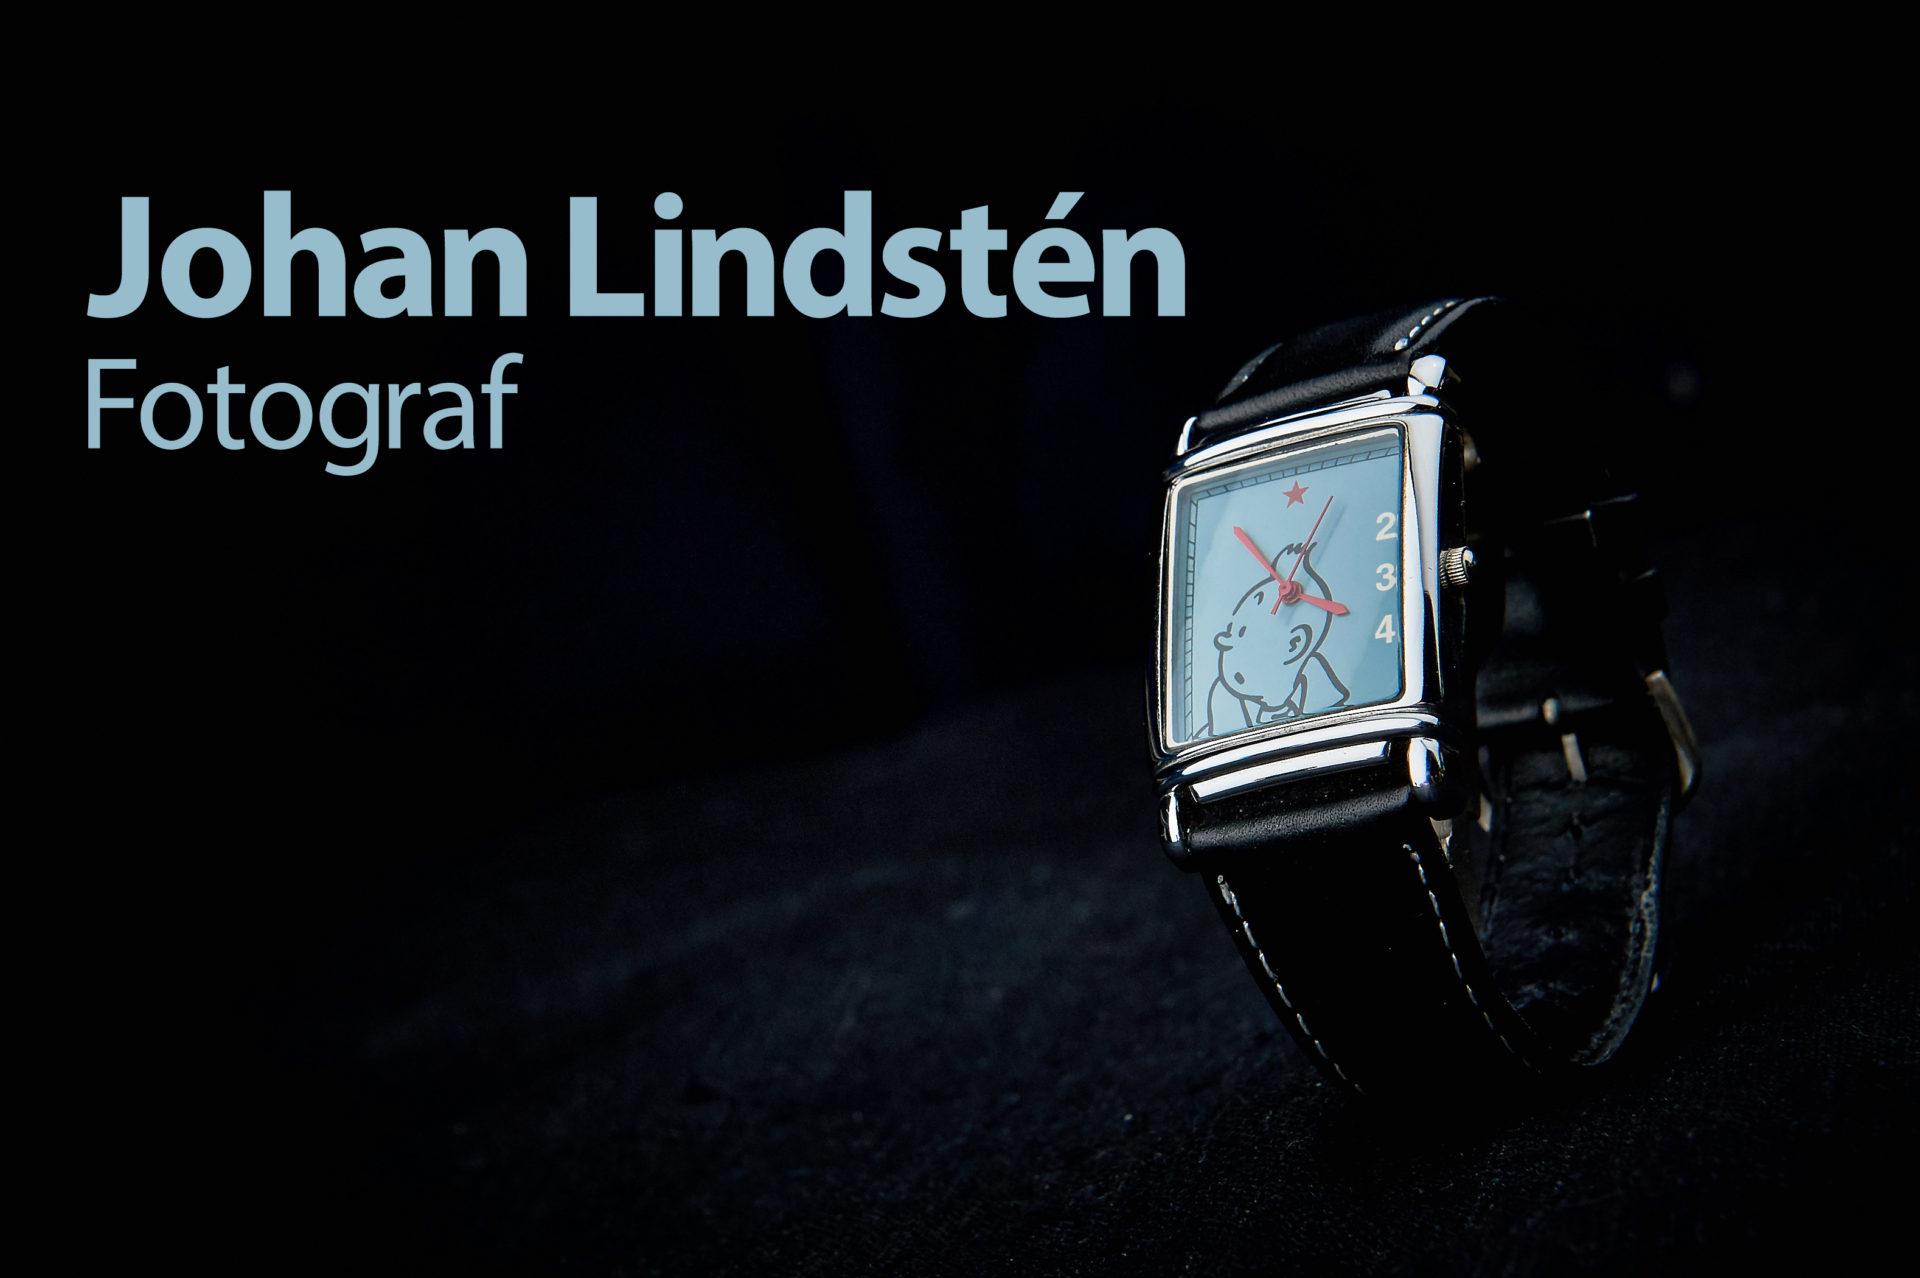 JohanLindstenTestar-KAMERA-fotografering0047-1-TEXT